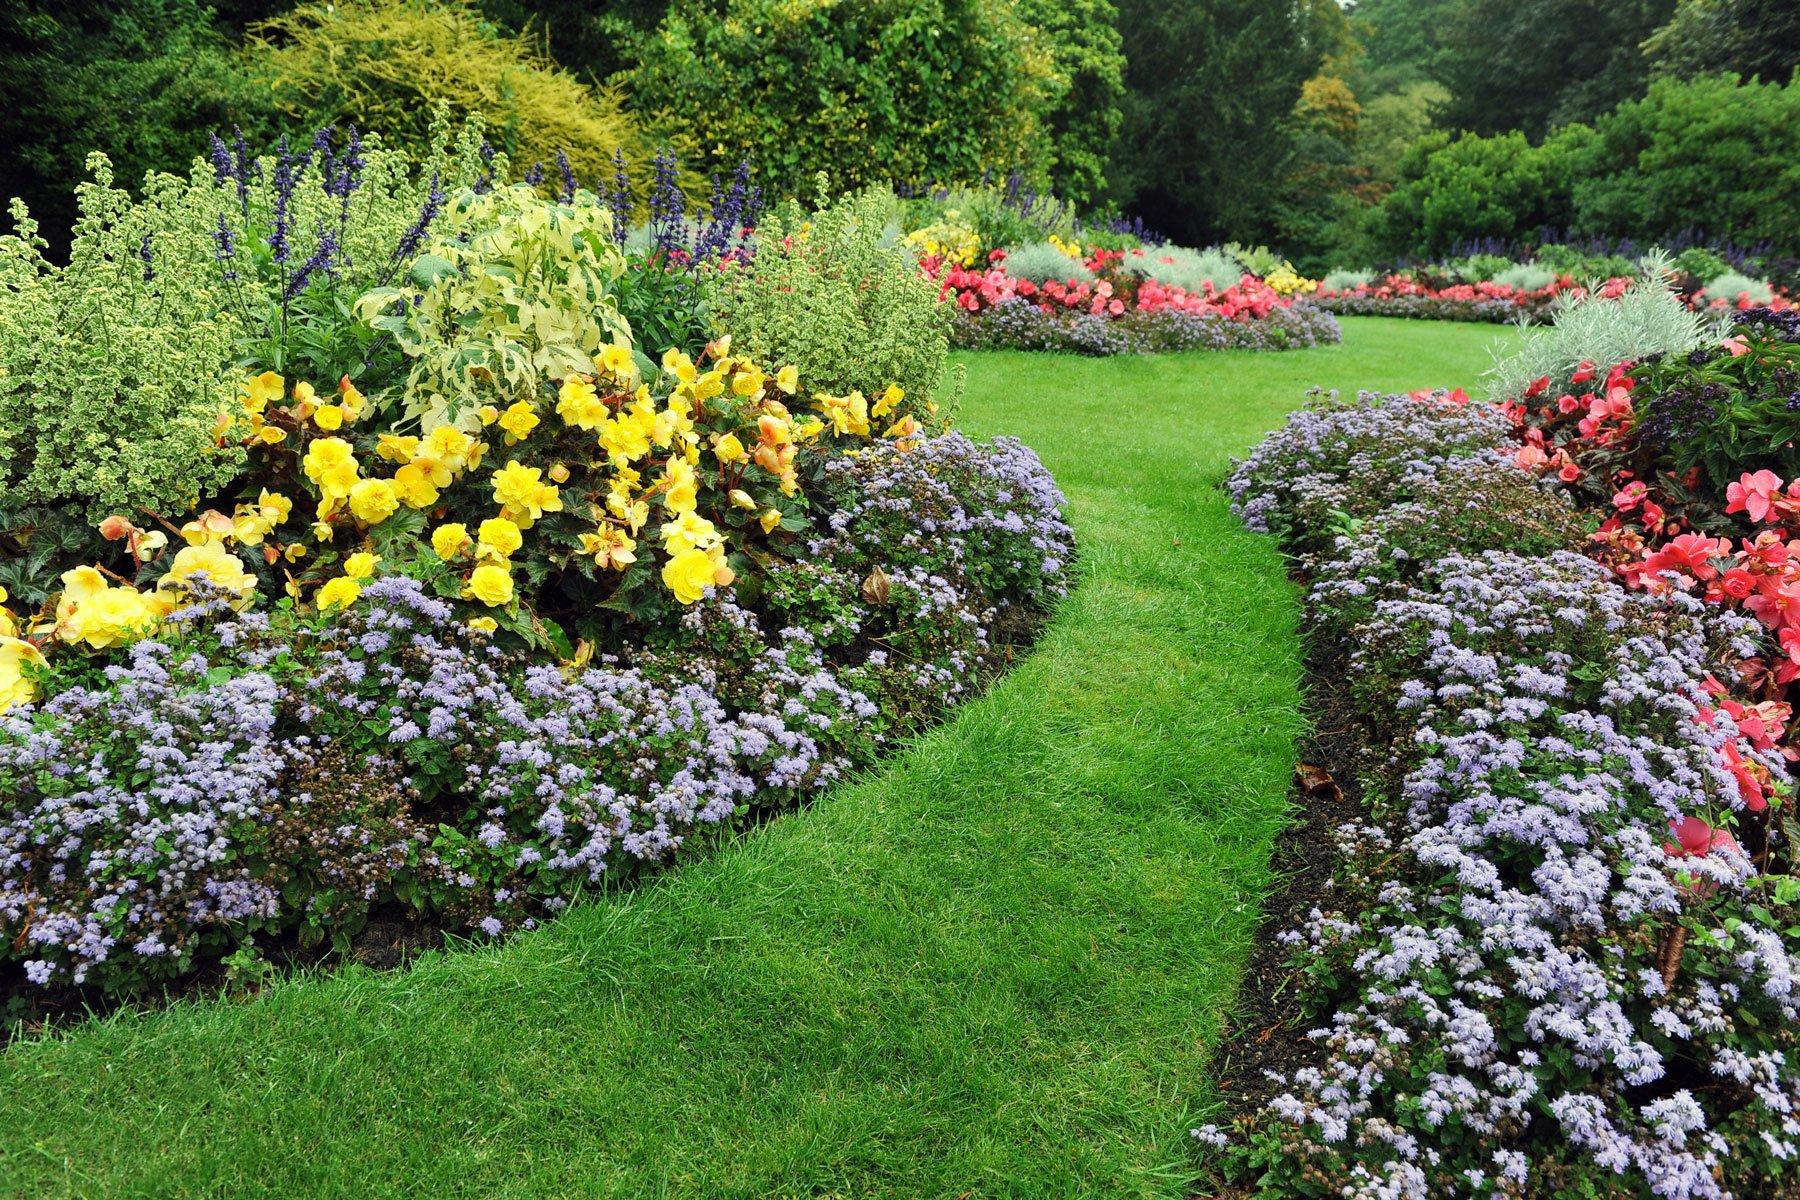 dei fiori di diversi colori in un giardino